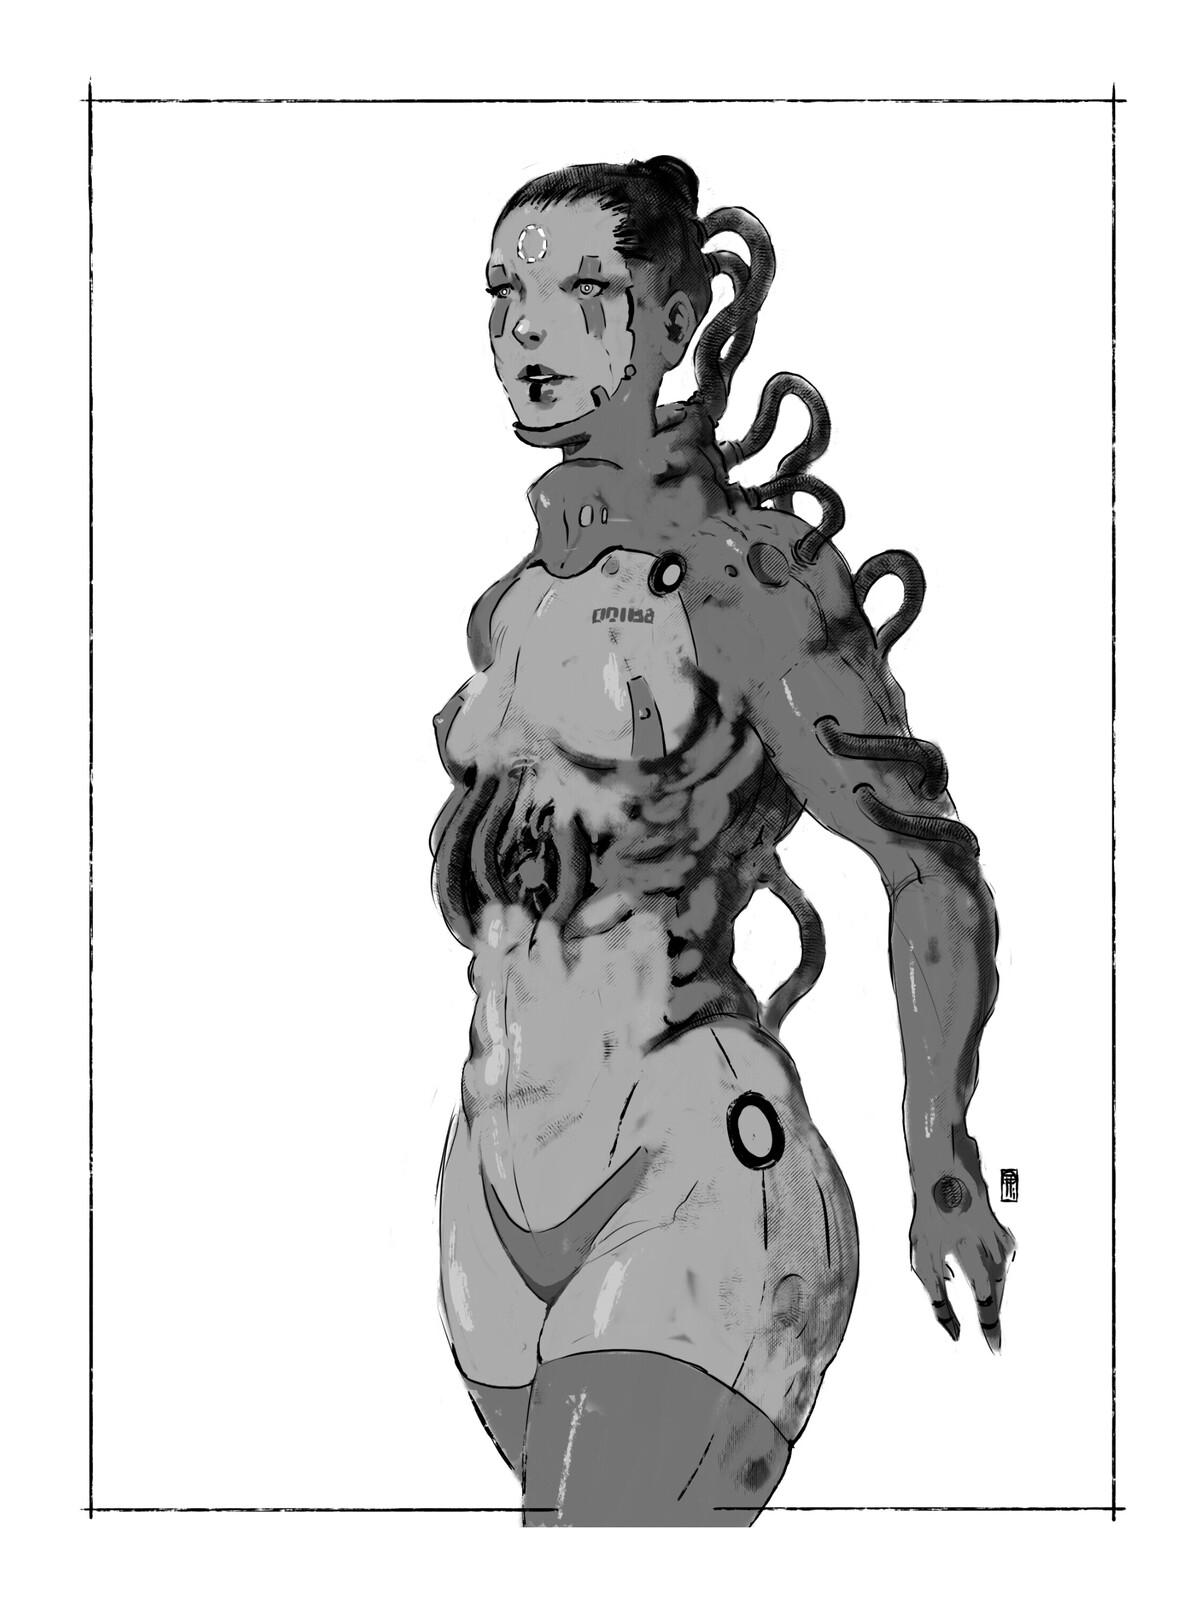 Mecha-girl//mark08